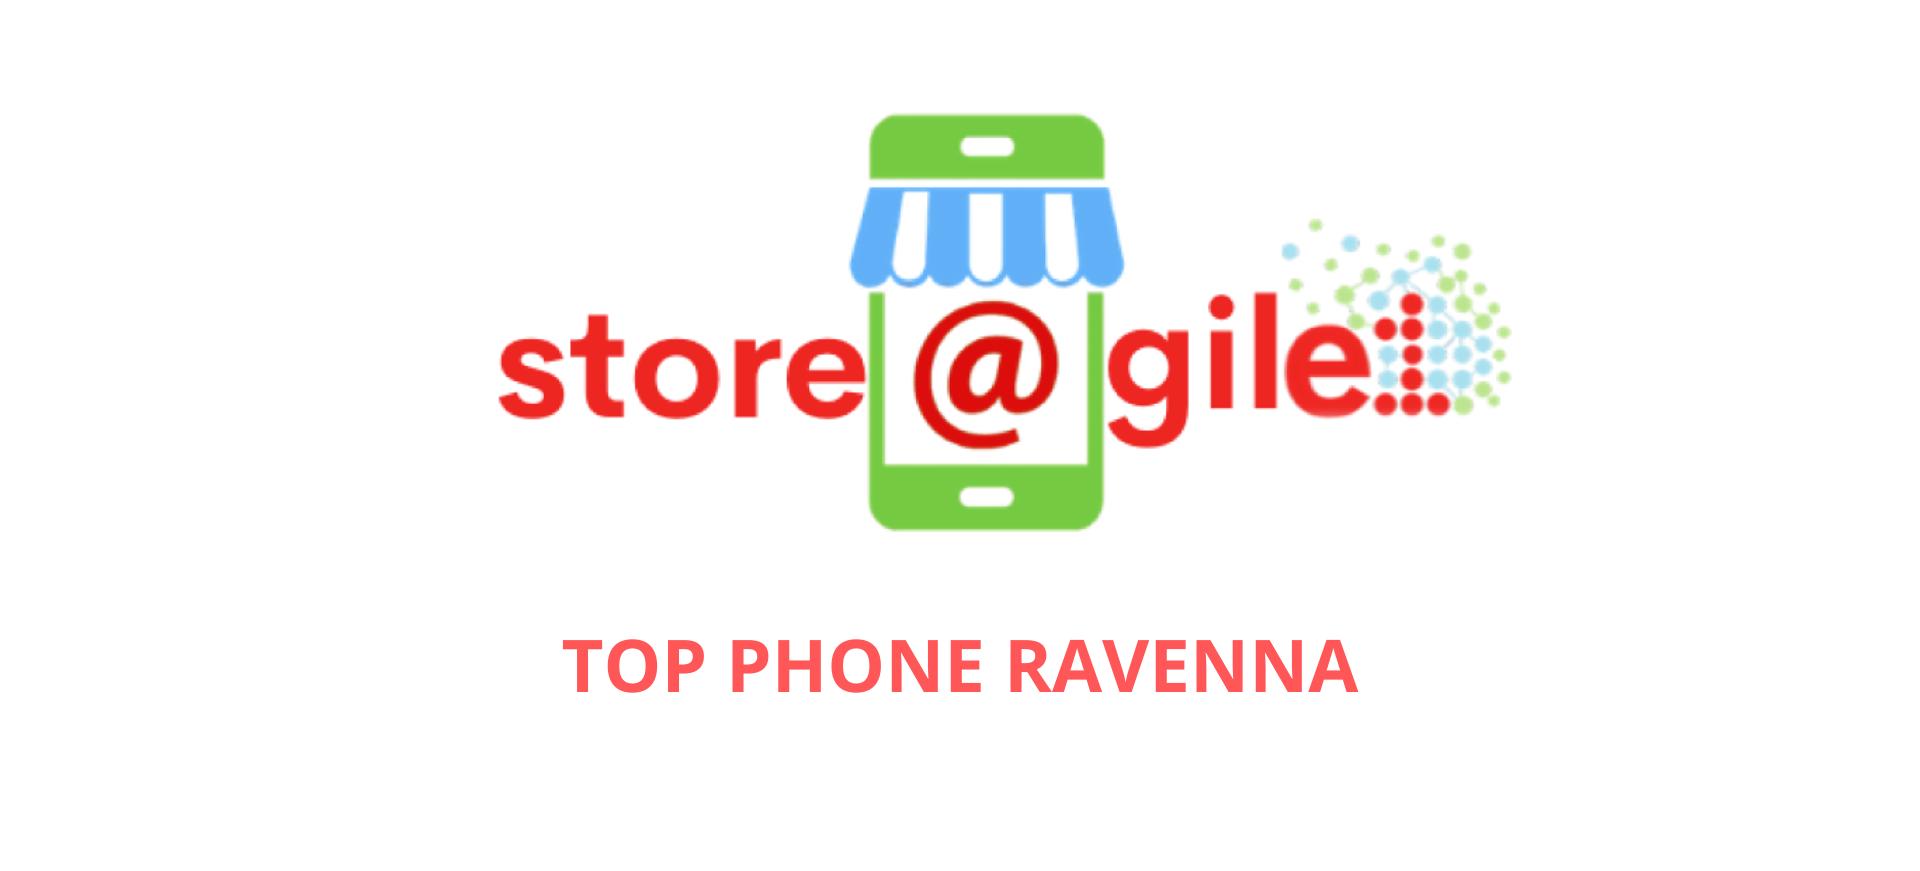 Top Phone Telefonia